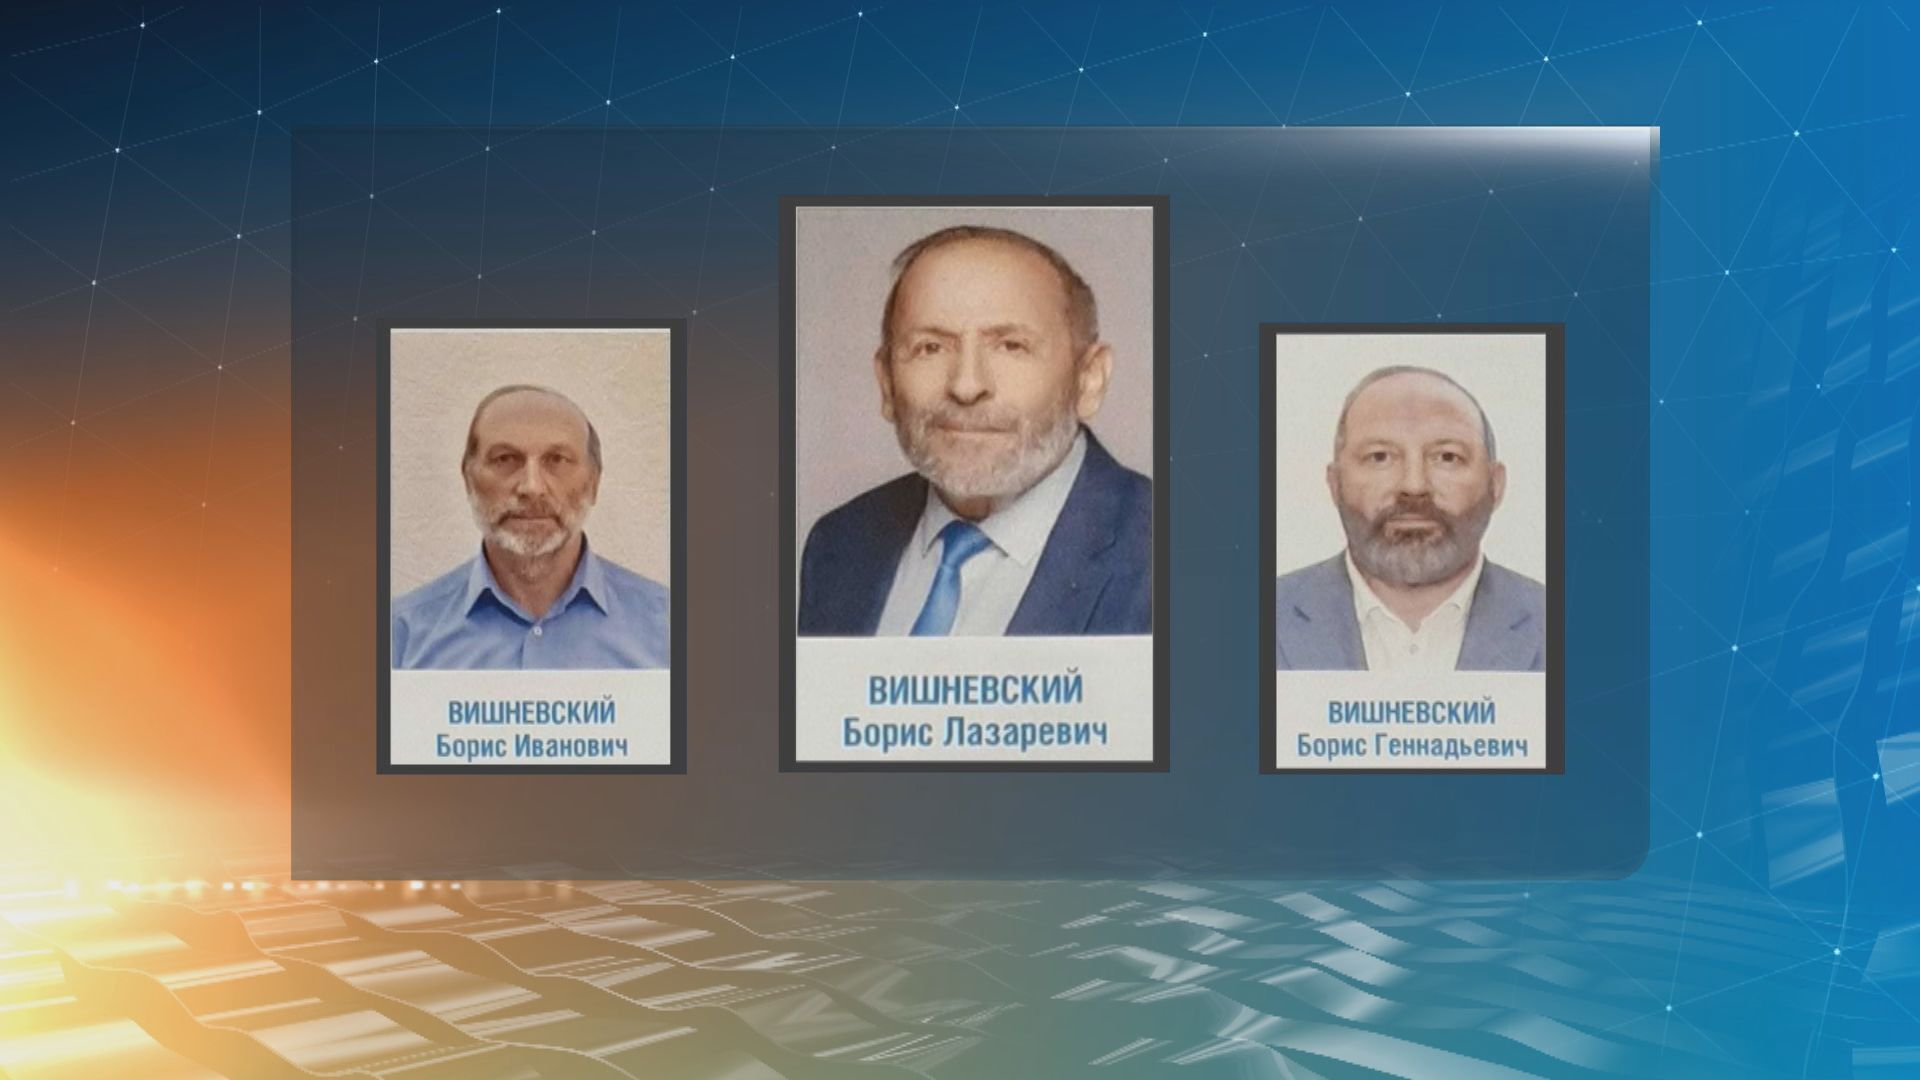 參選對手同名同姓長相相似 俄反對派抗議圖混淆選民